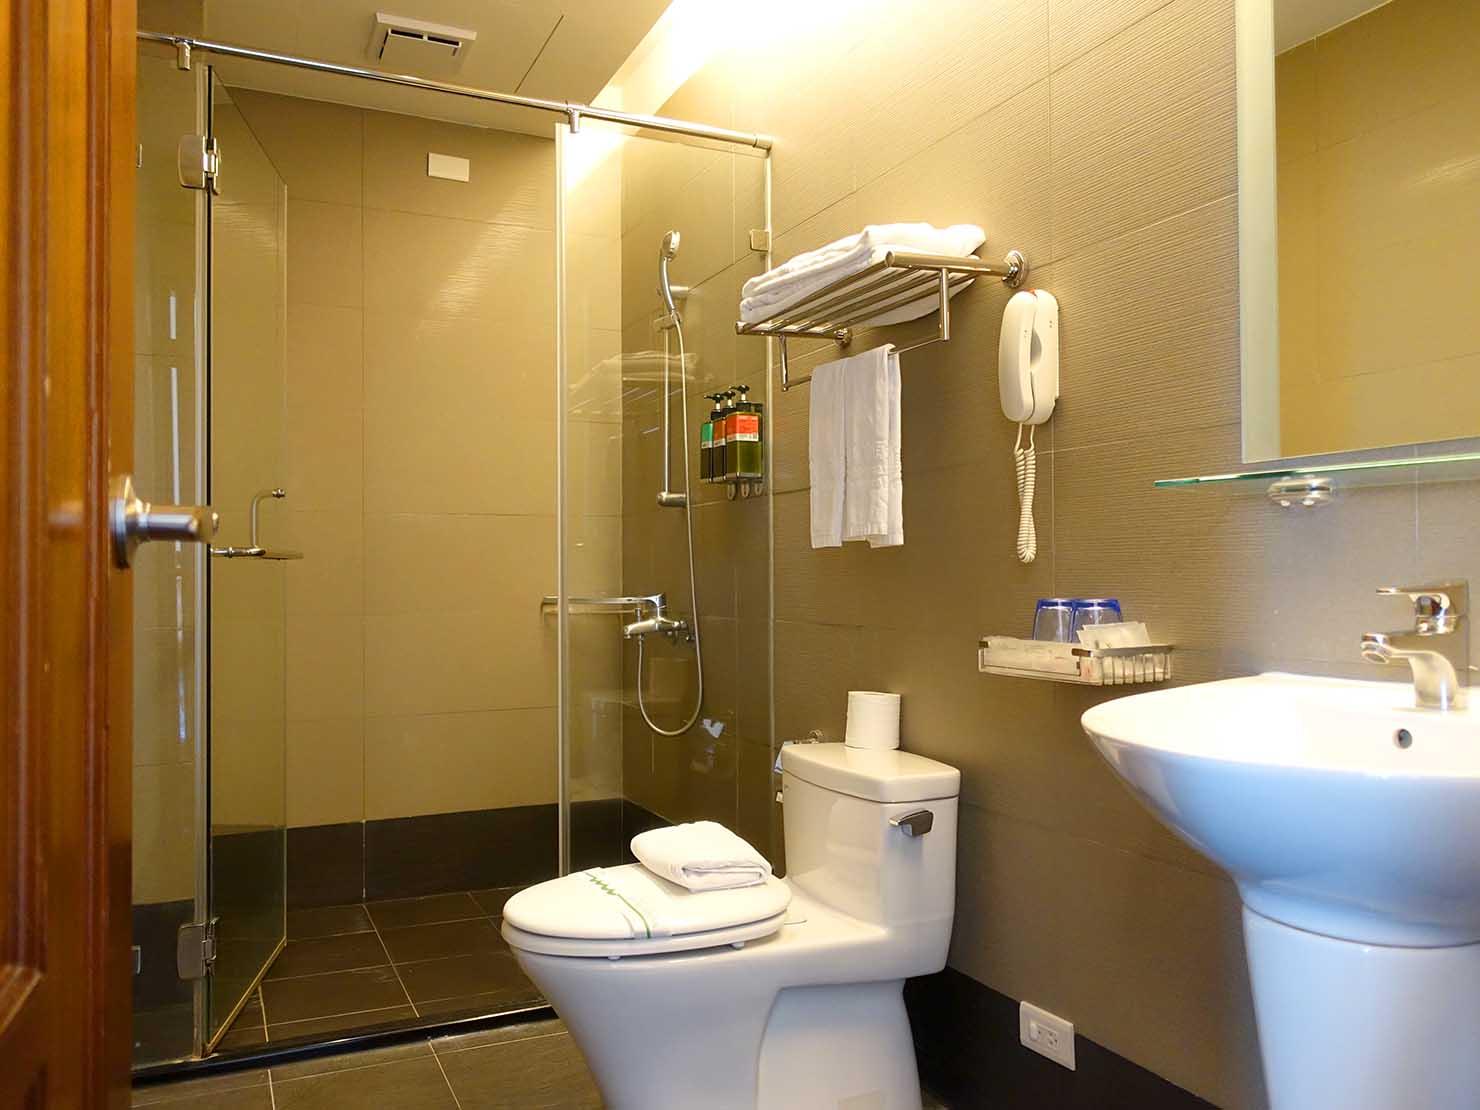 高雄・西子灣の港に立つ海辺のホテル「碧港良居 Watermark Hotel」海景豪華房のシャワールーム